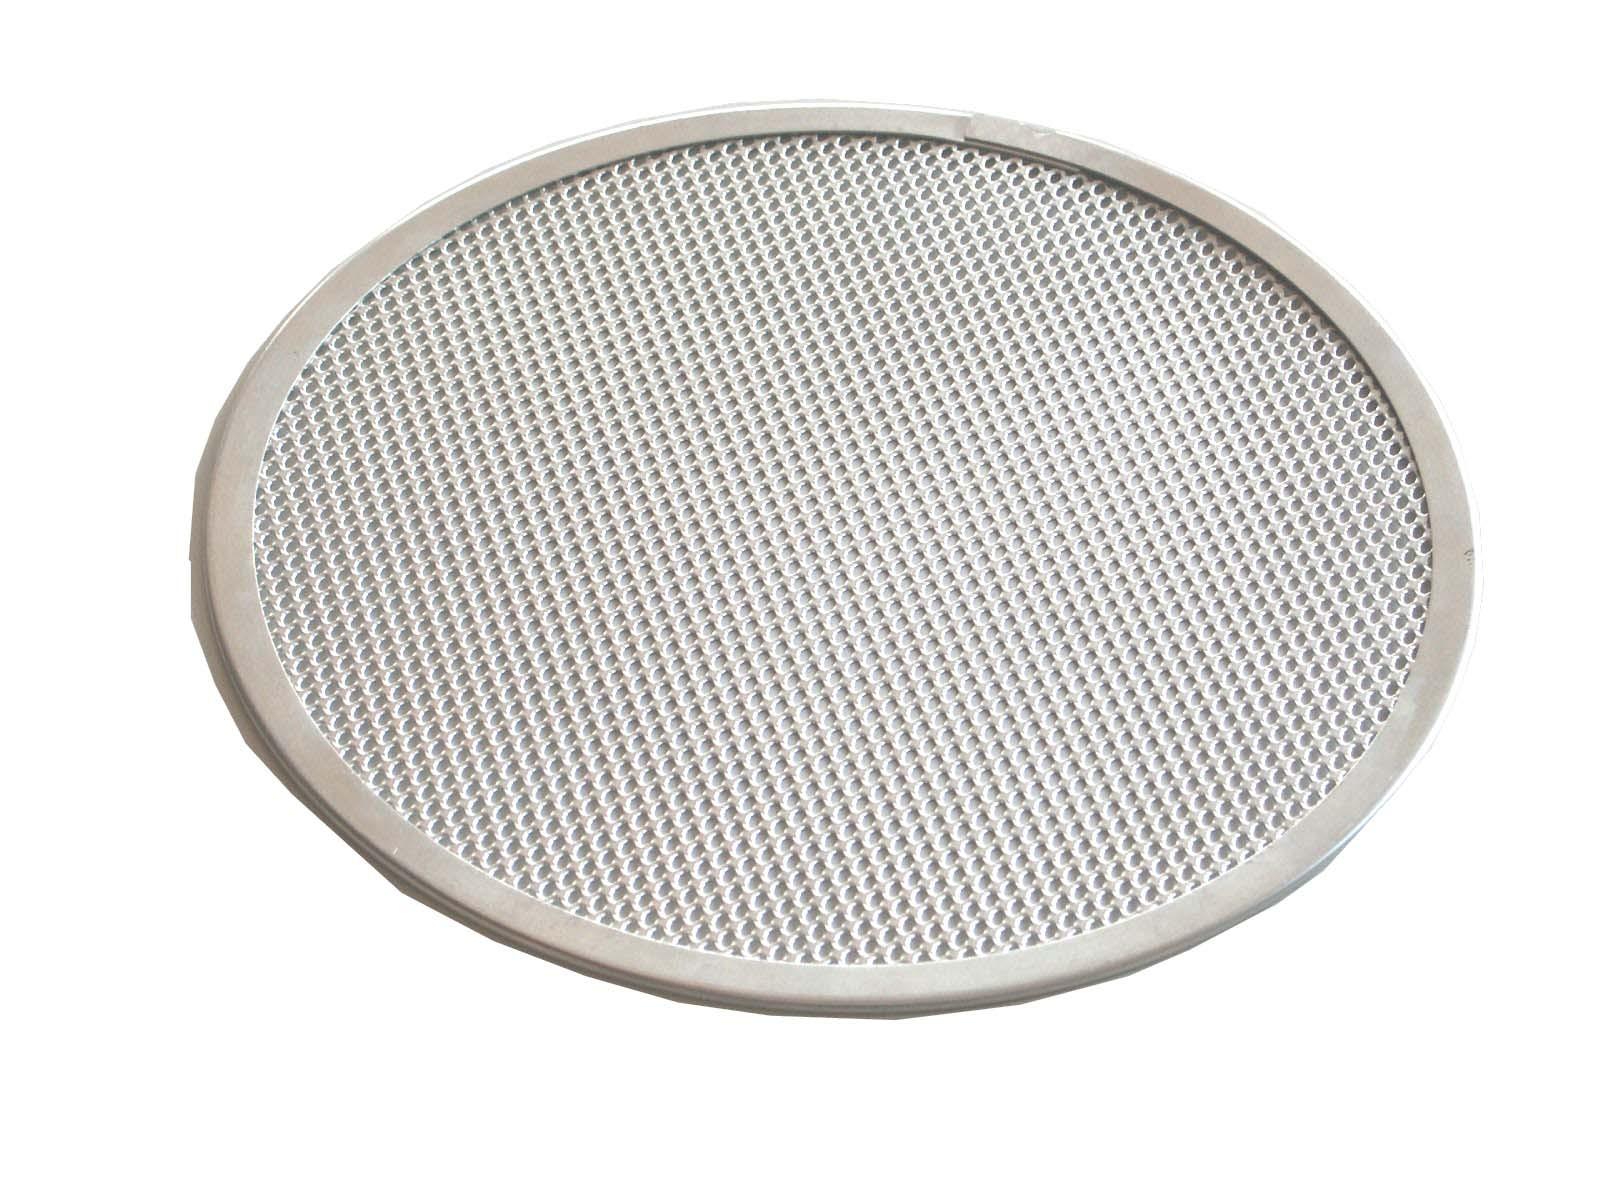 Grille de cuisson Ø 30 cm